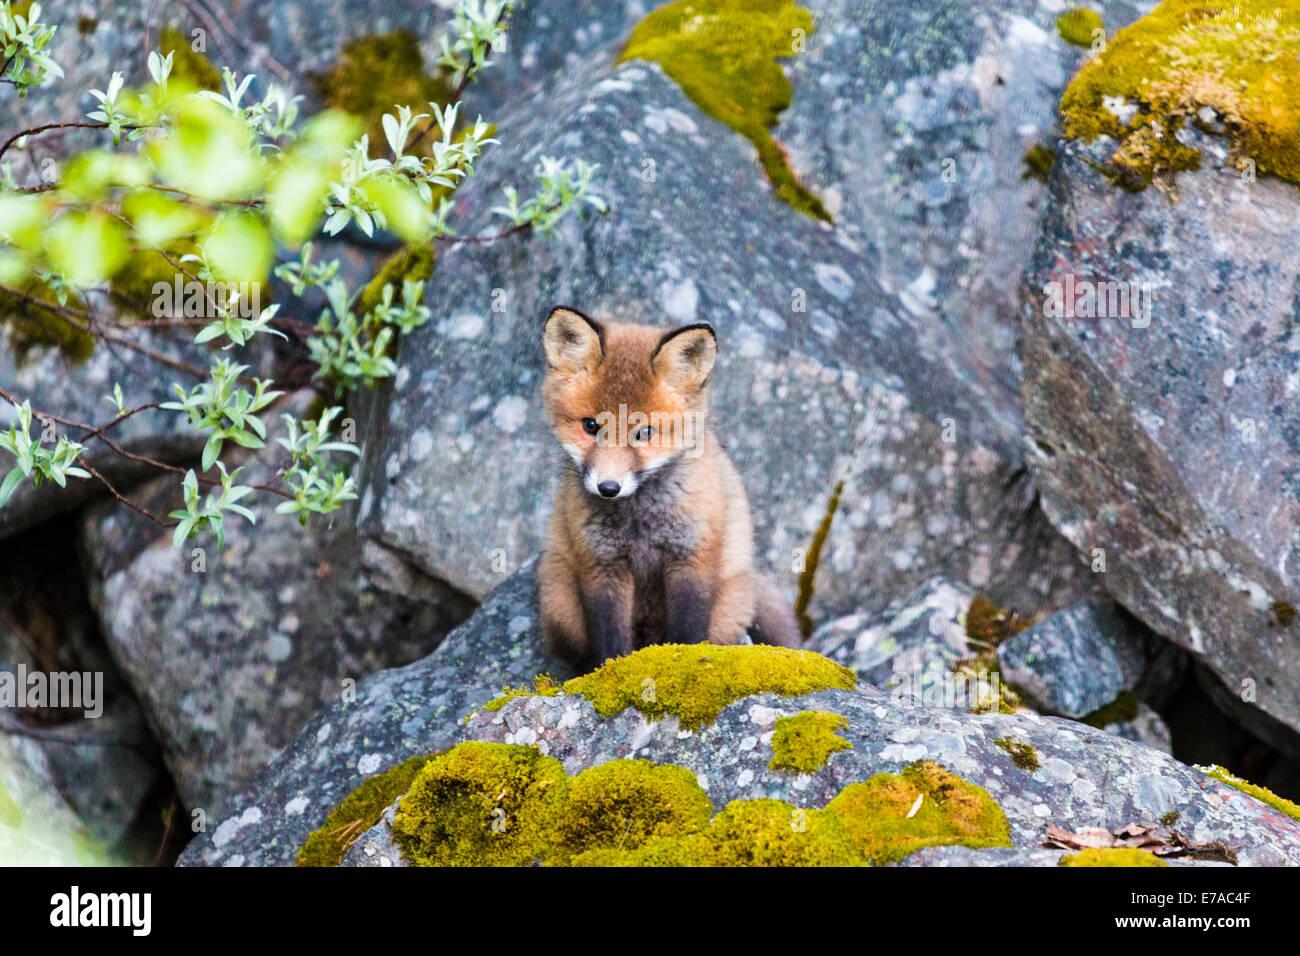 Redfox cachorro, Vulpes vulpes, en busca de su nido, Kvikkjokk, la Laponia sueca, Suecia Imagen De Stock